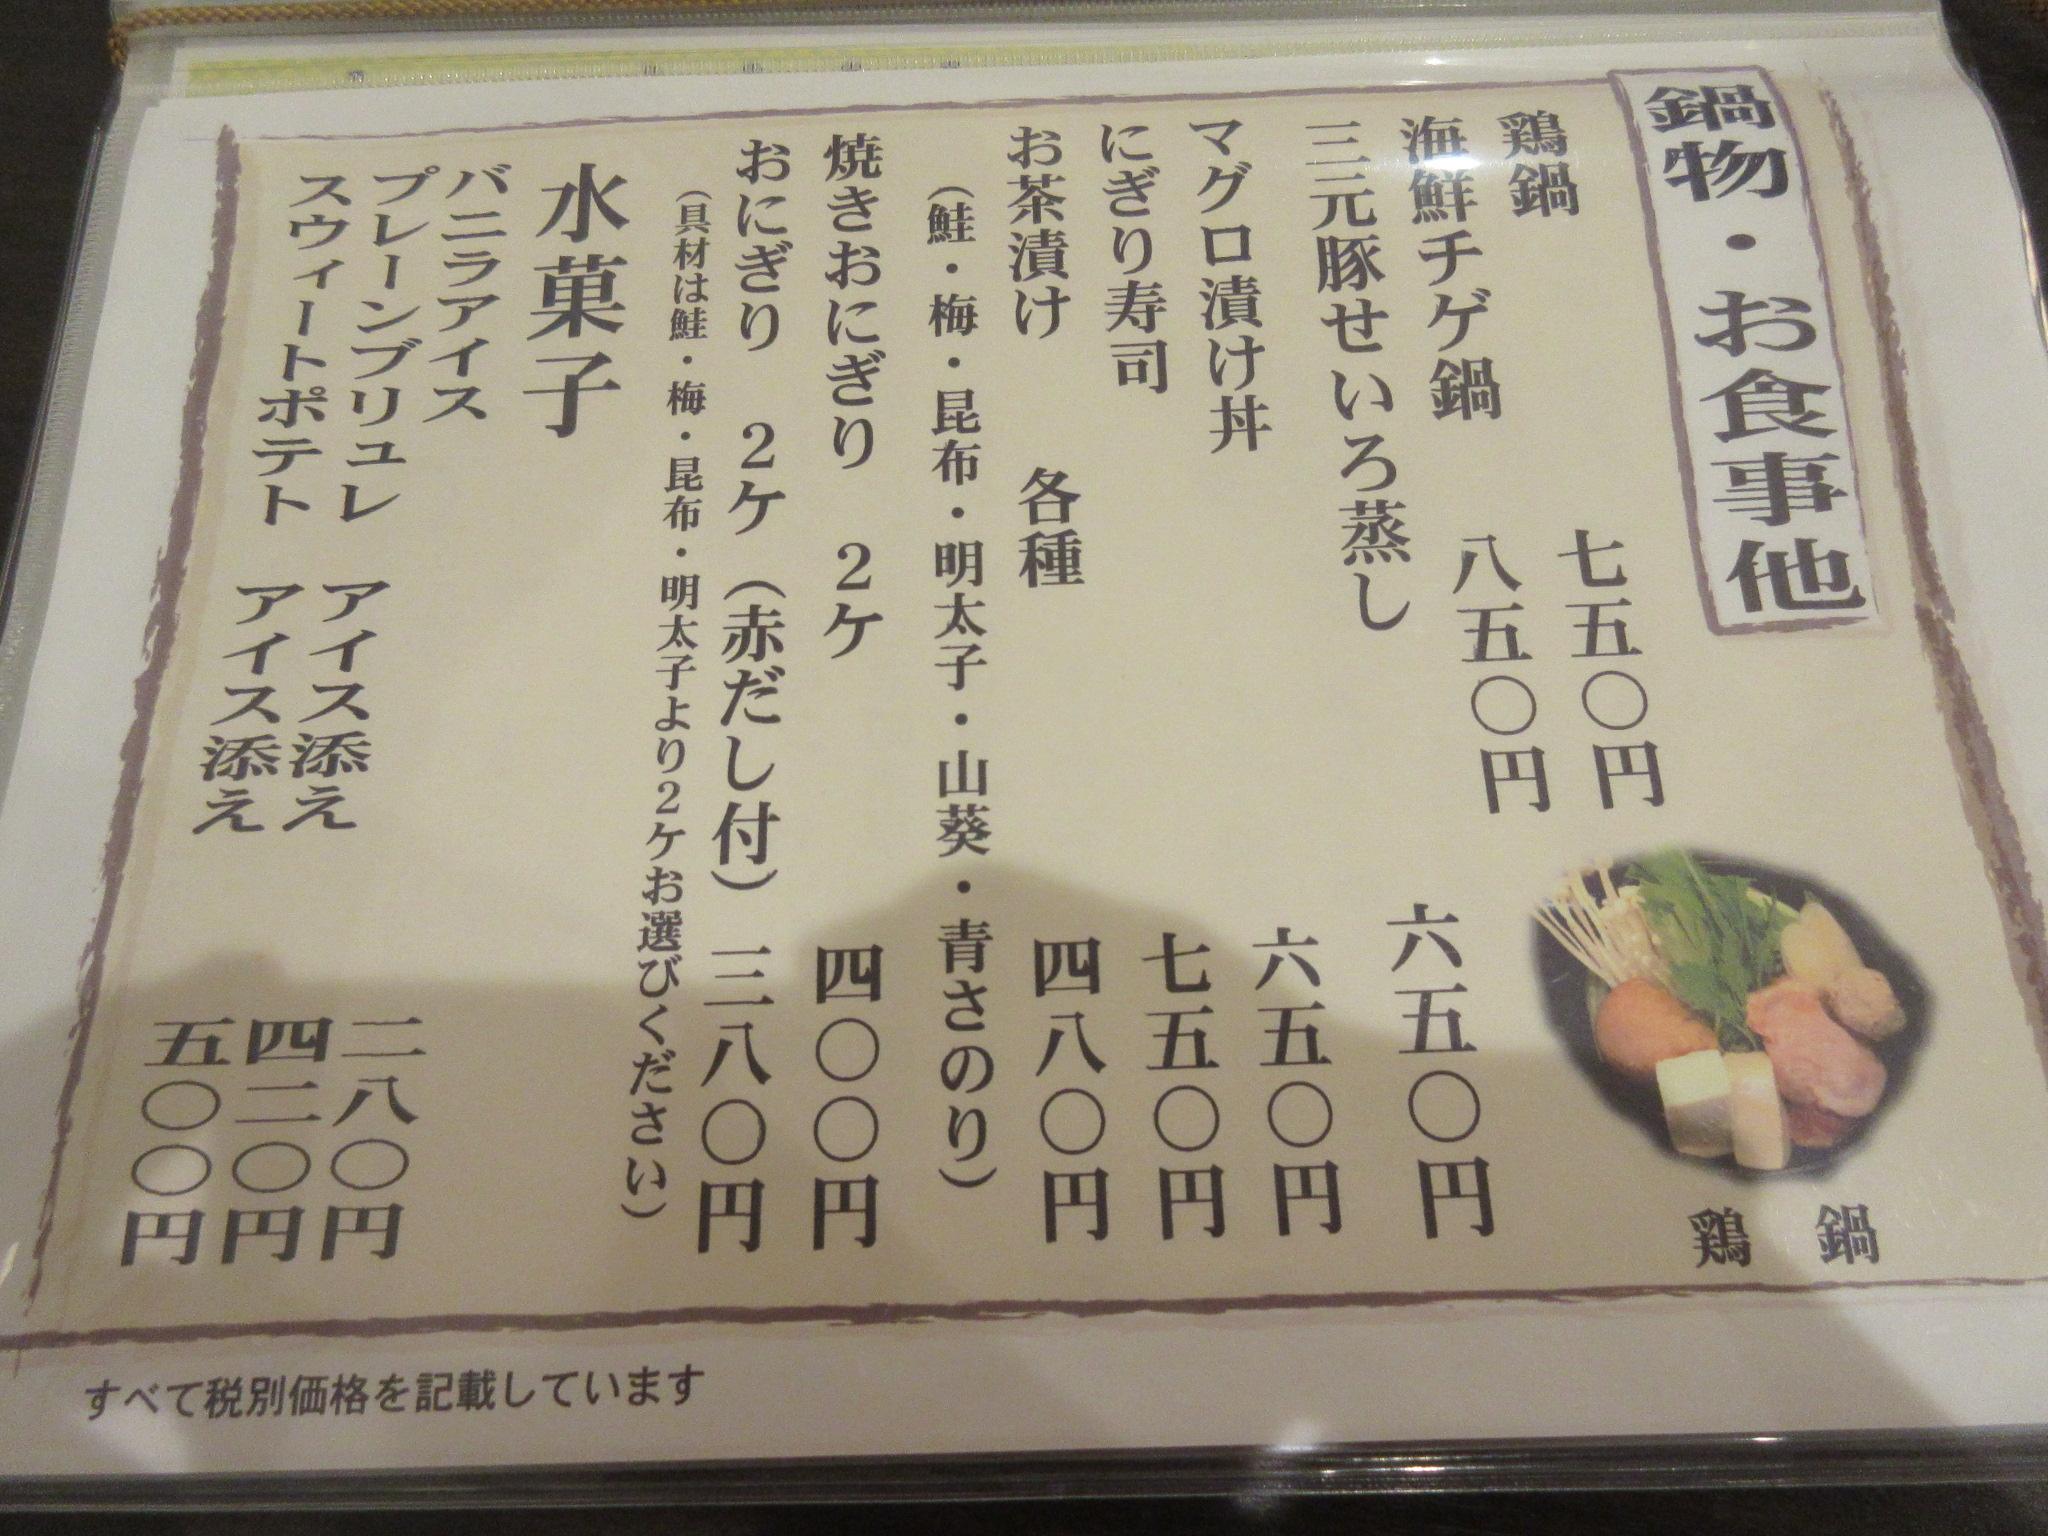 メニュー 鍋物・食事